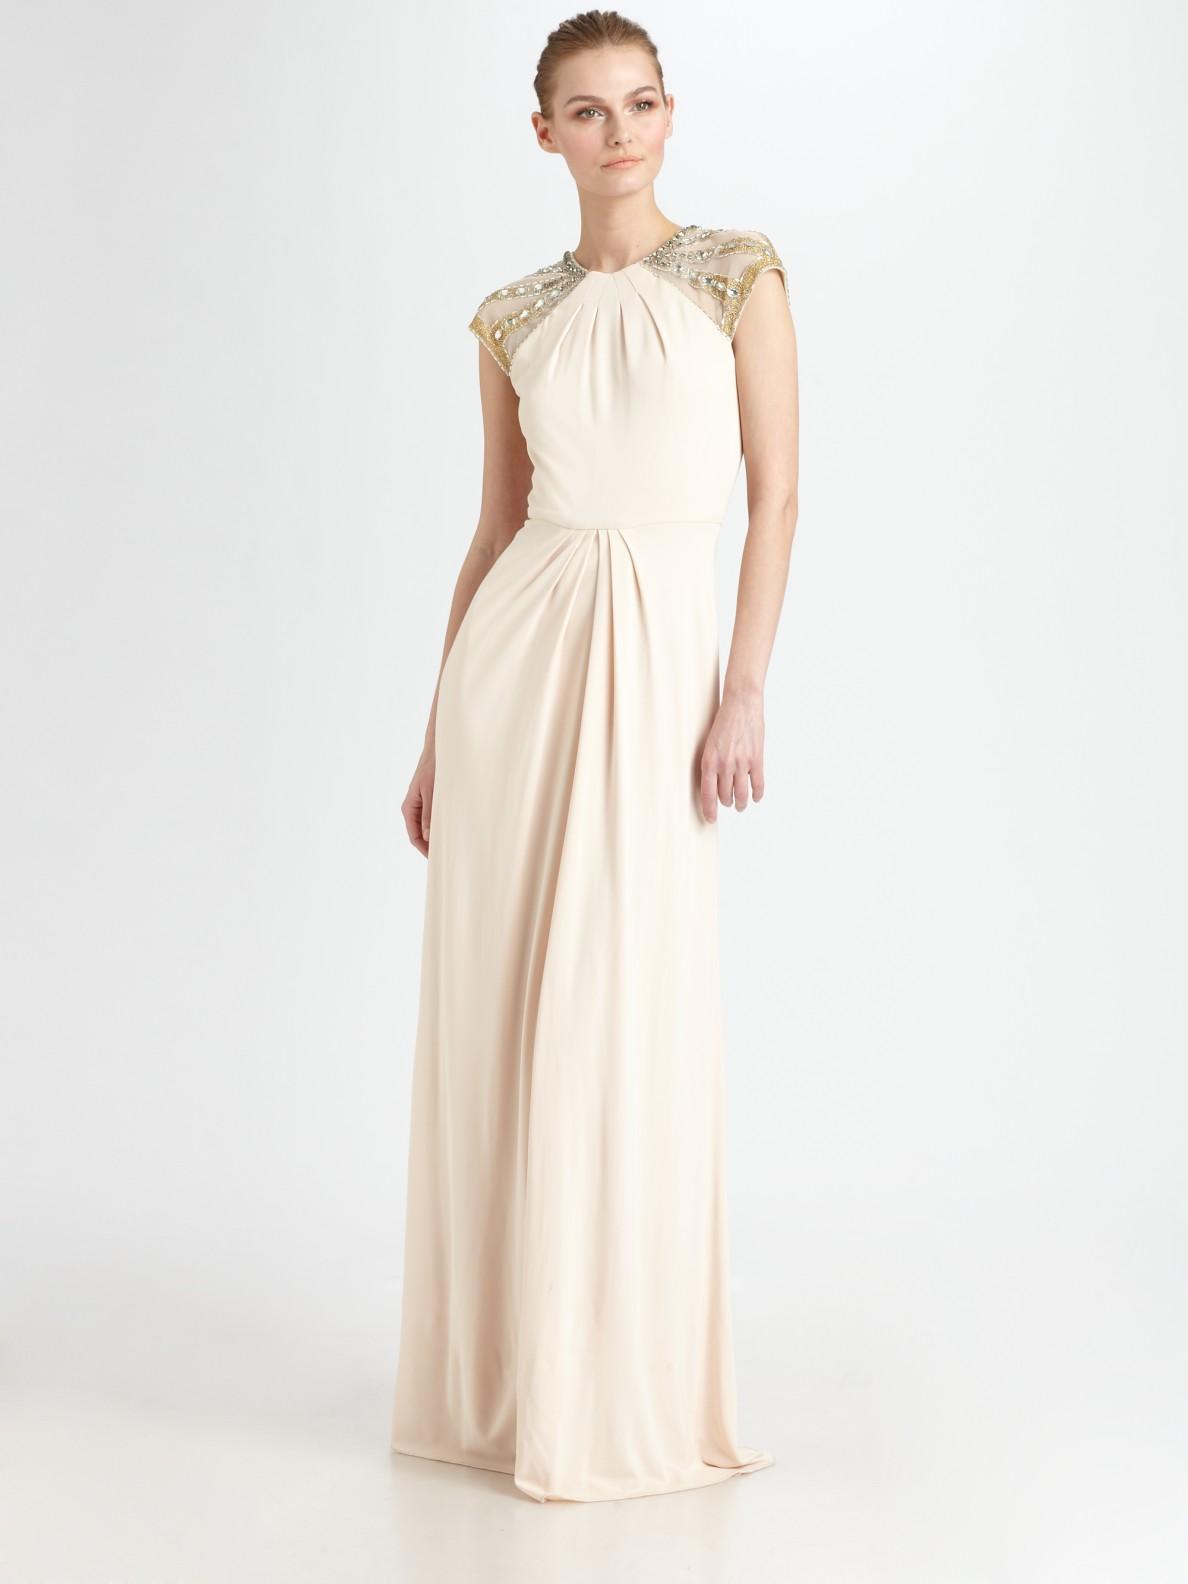 Beaded Cap Sleeve Dress